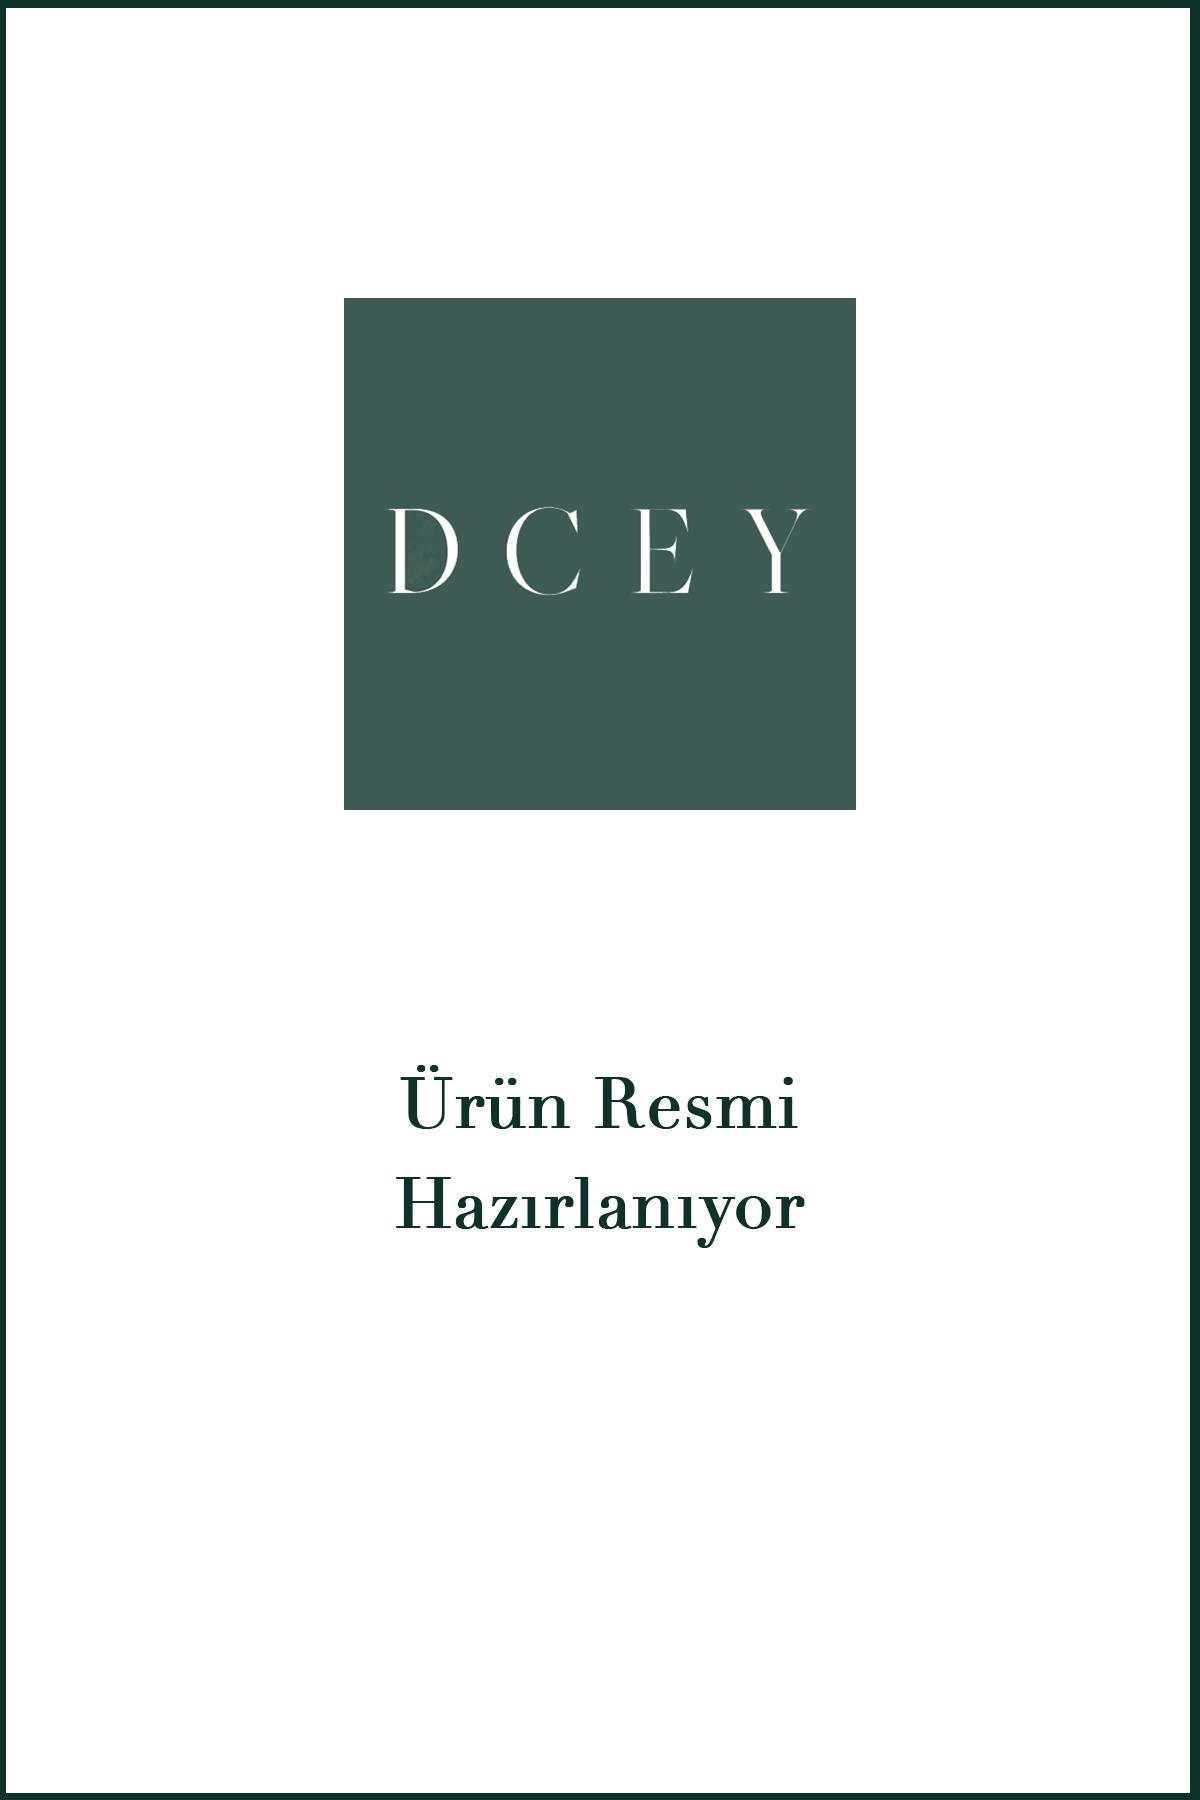 Gümüş Taş Askılı Elbise